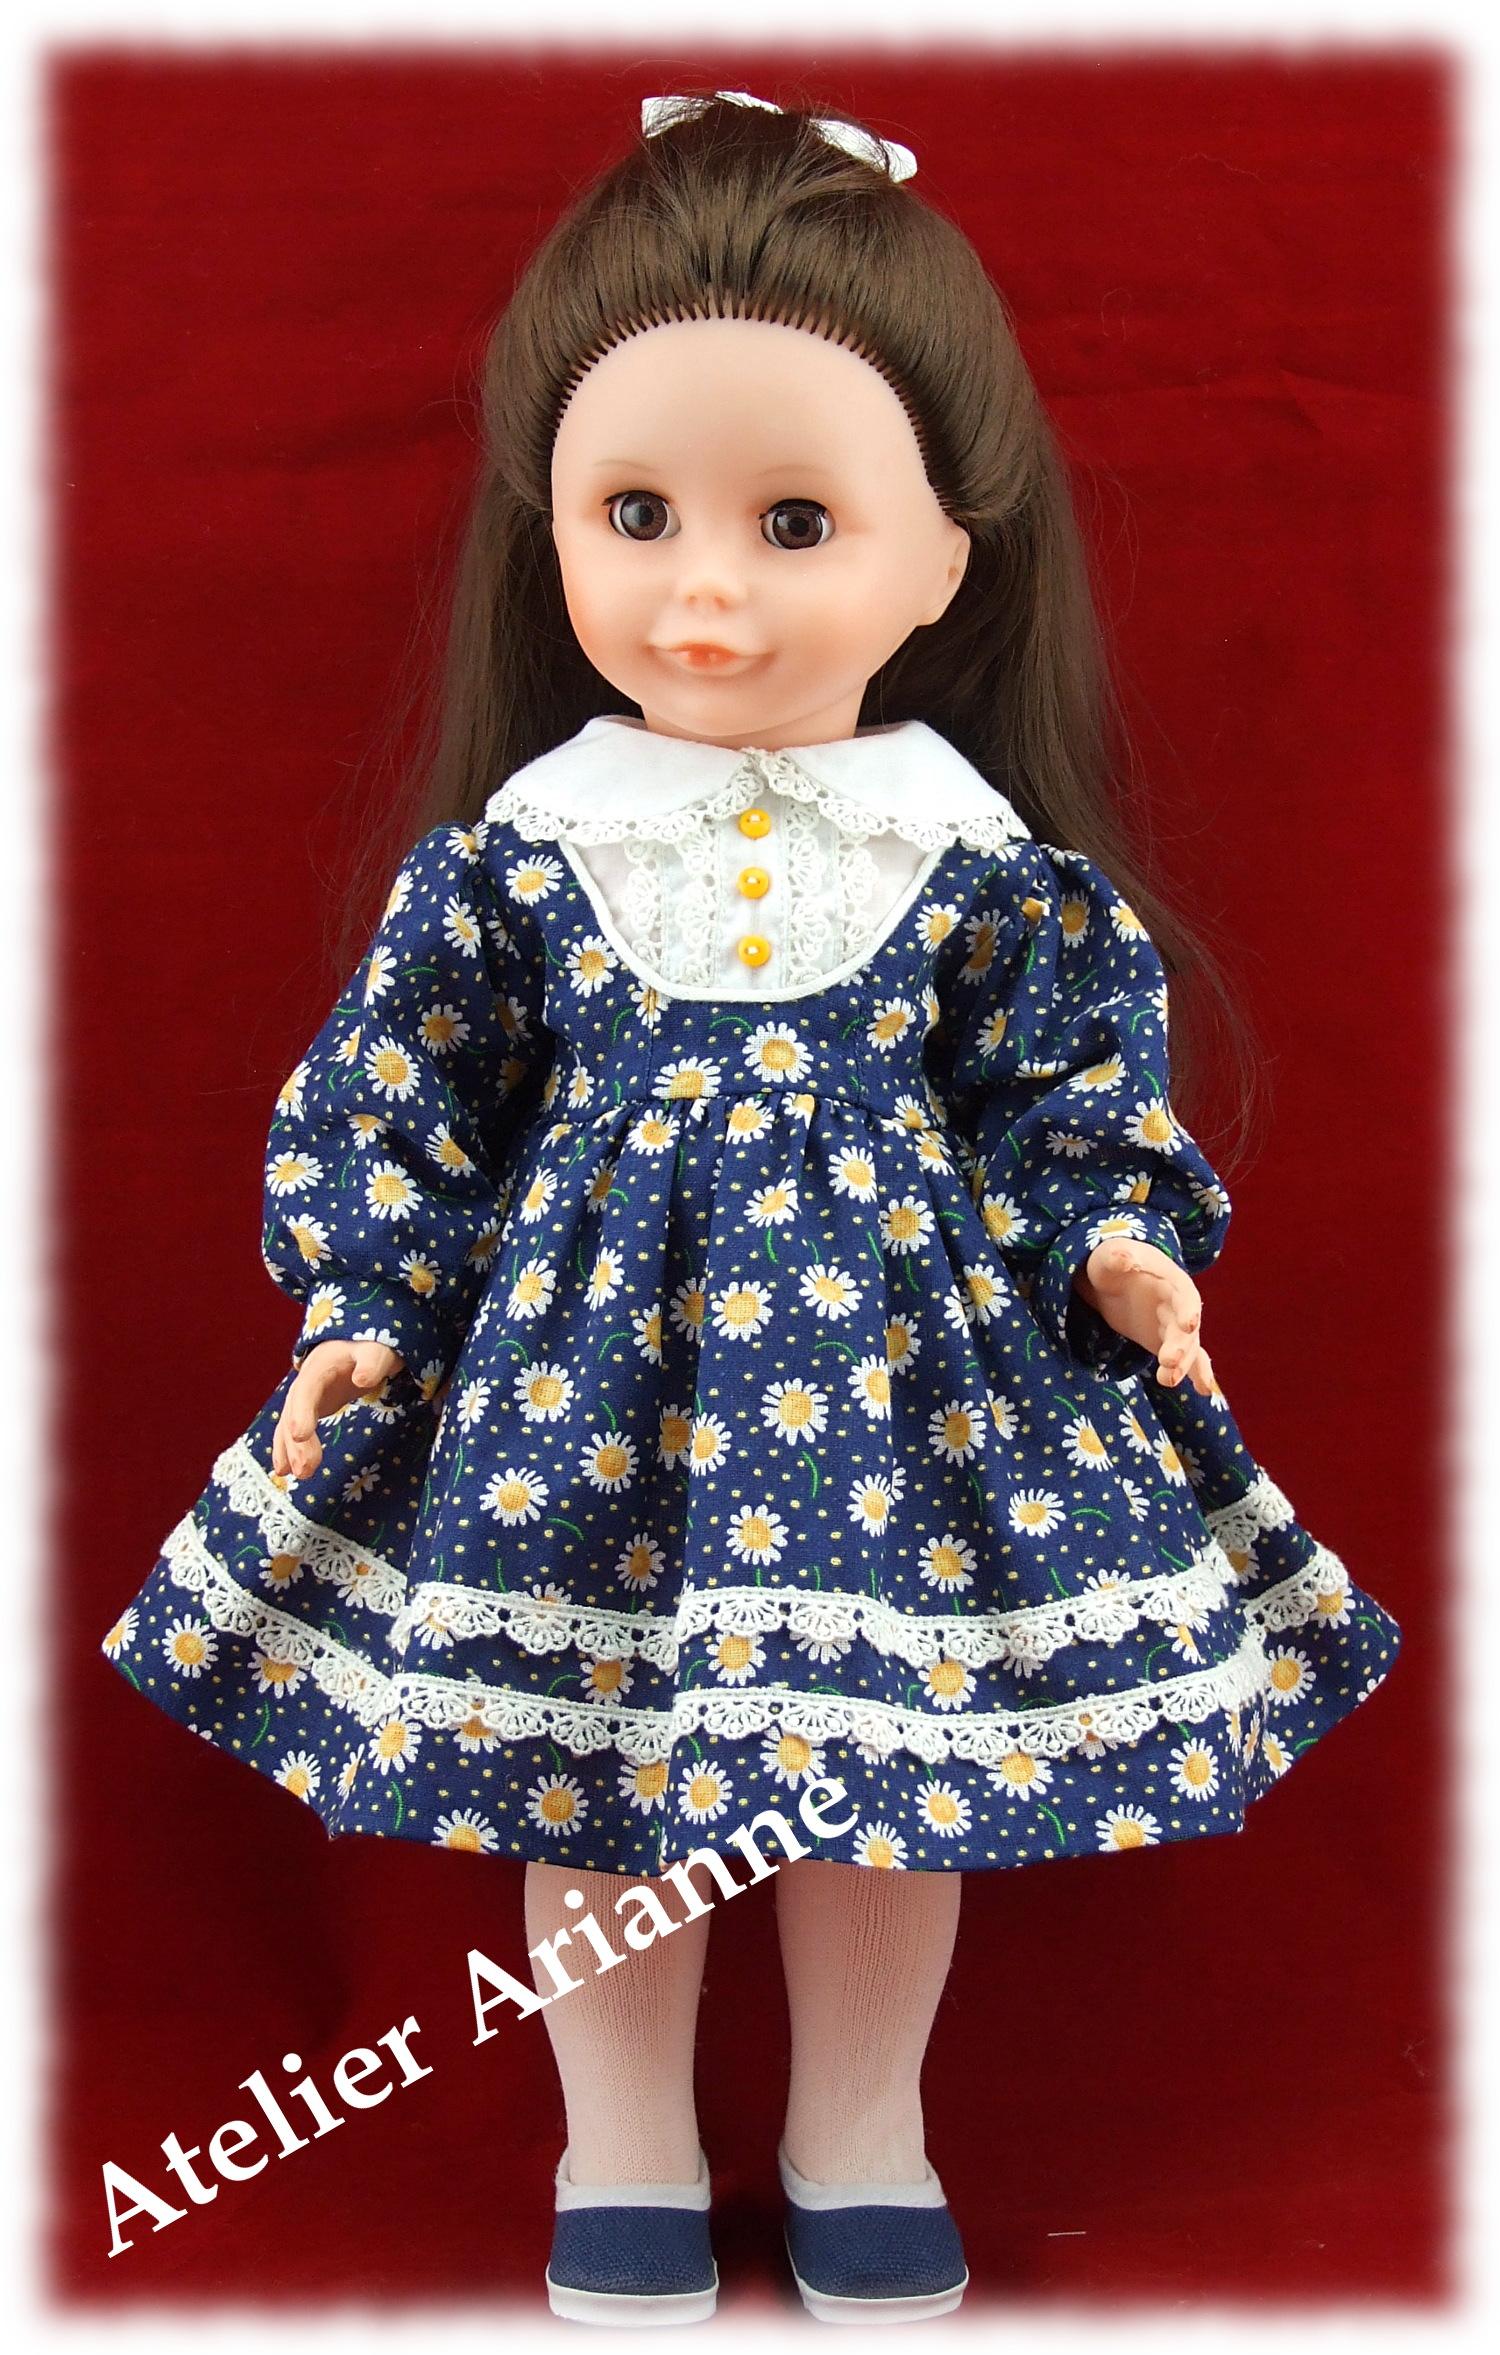 Défilé des poupées – ce samedi 3/11/2018, à 17 heures